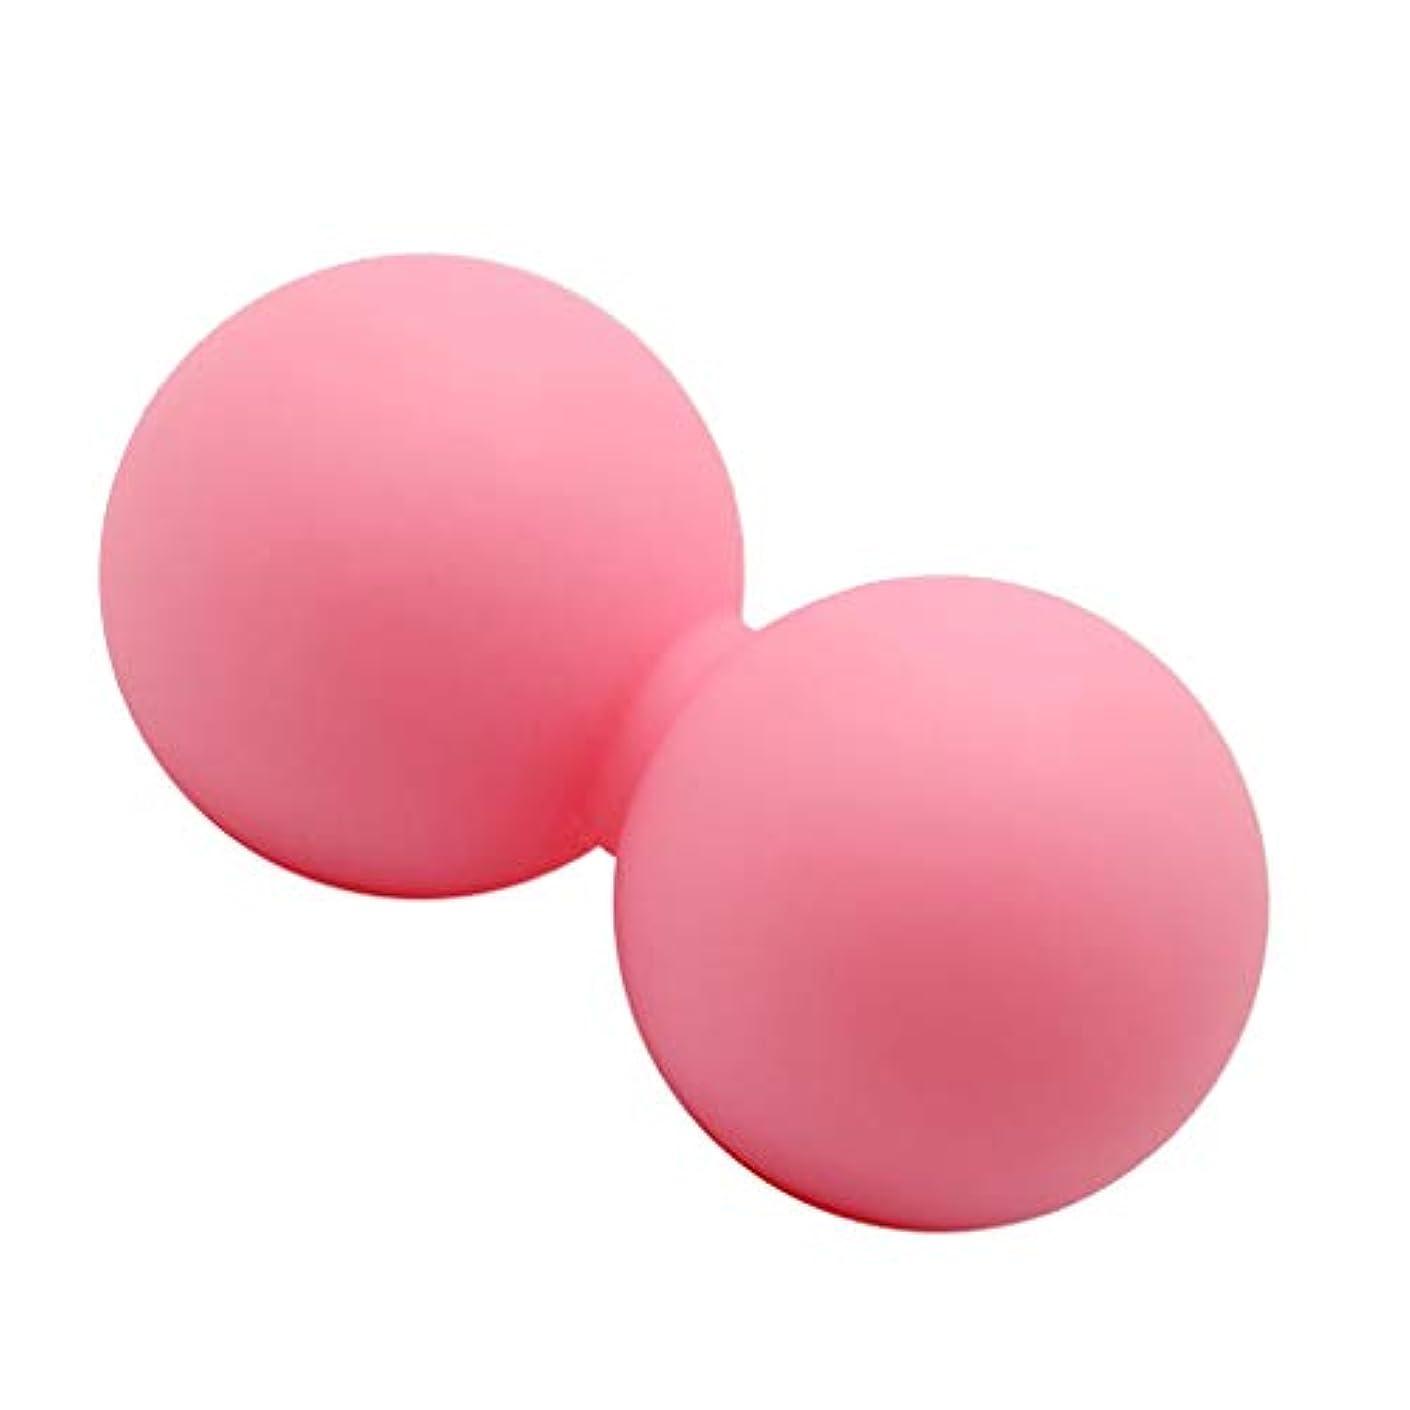 好奇心回路原理dailymall マッサージボール ピーナッツ 筋膜ボール ストレッチボール 首 肩 背中 腰 お尻 筋膜リリース